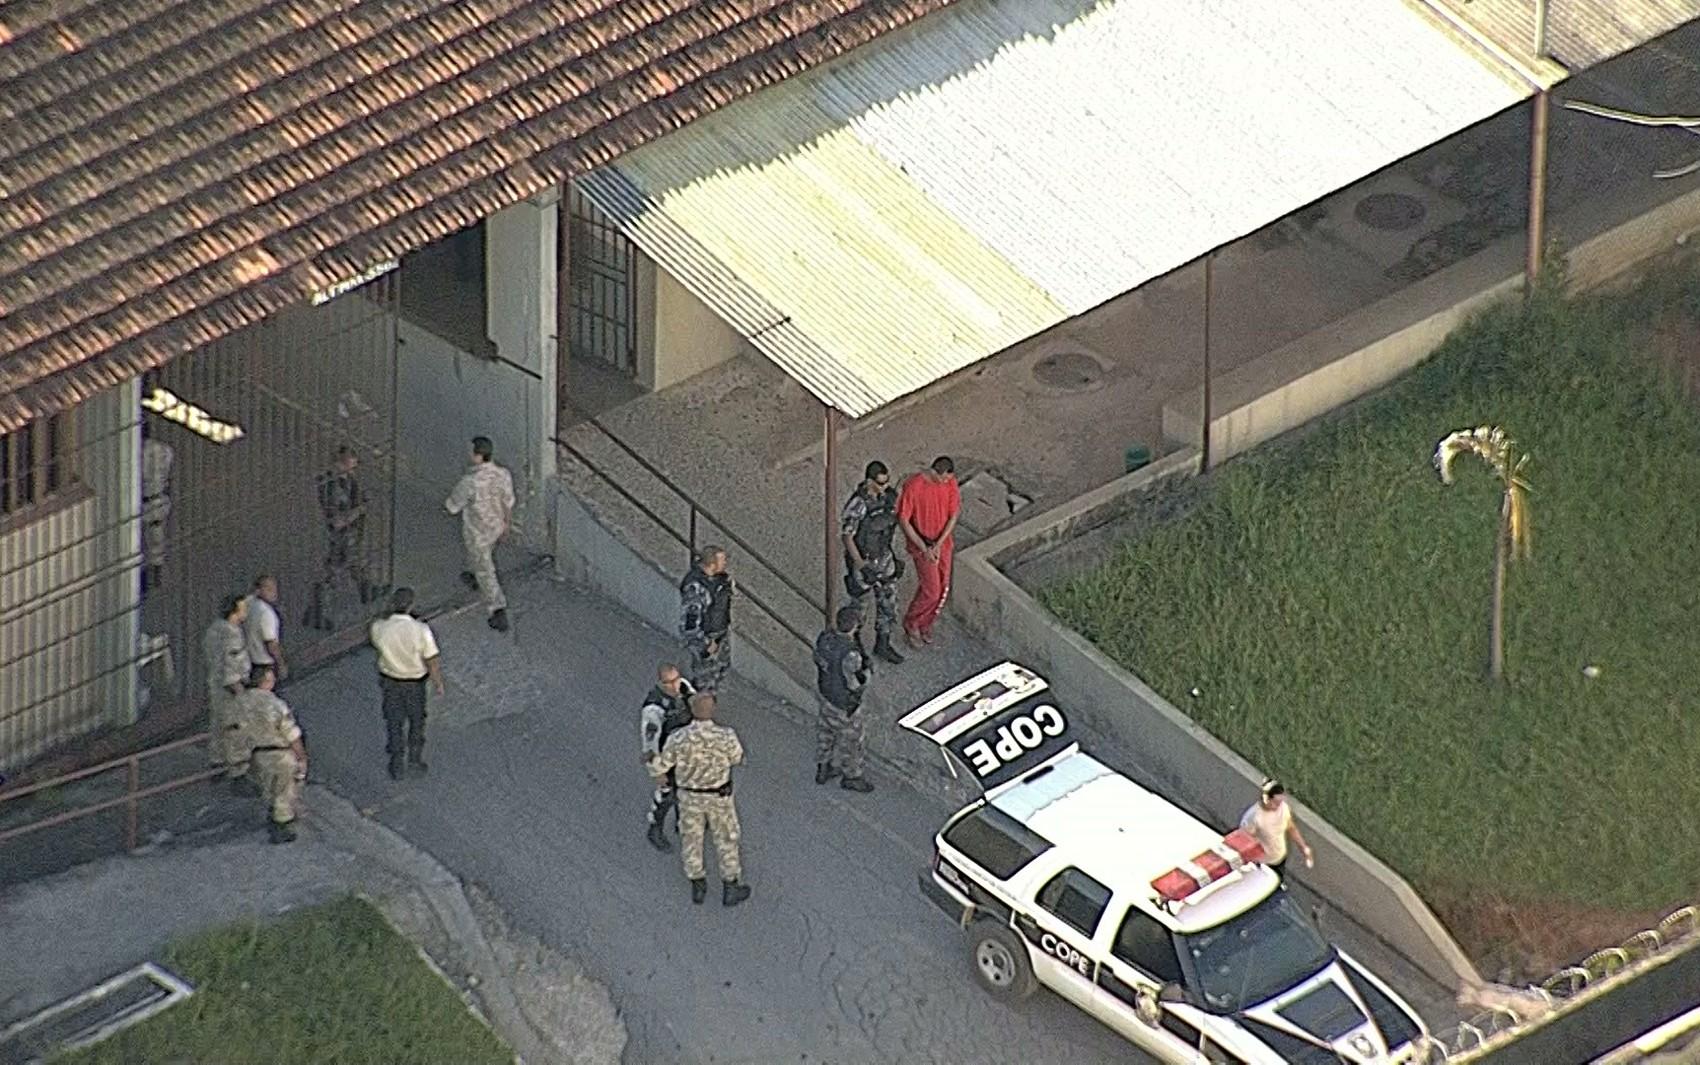 Bruno sai da Penitenciária Nelson Hungria em direção ao fórum. (Foto: Reprodução/TV Globo)